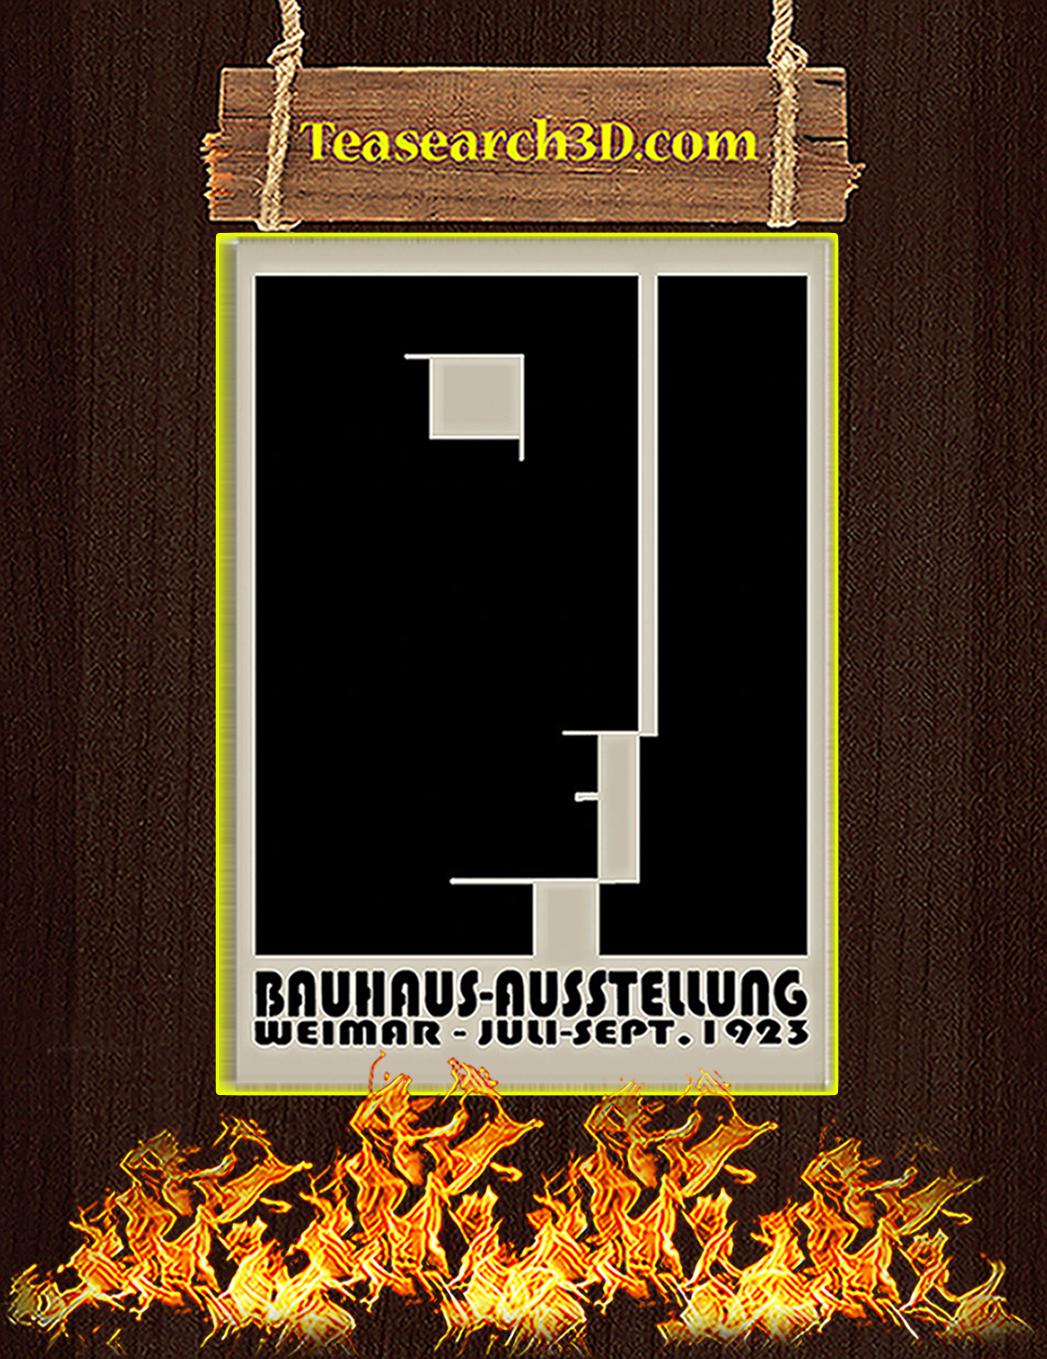 Bauhaus ausstellung